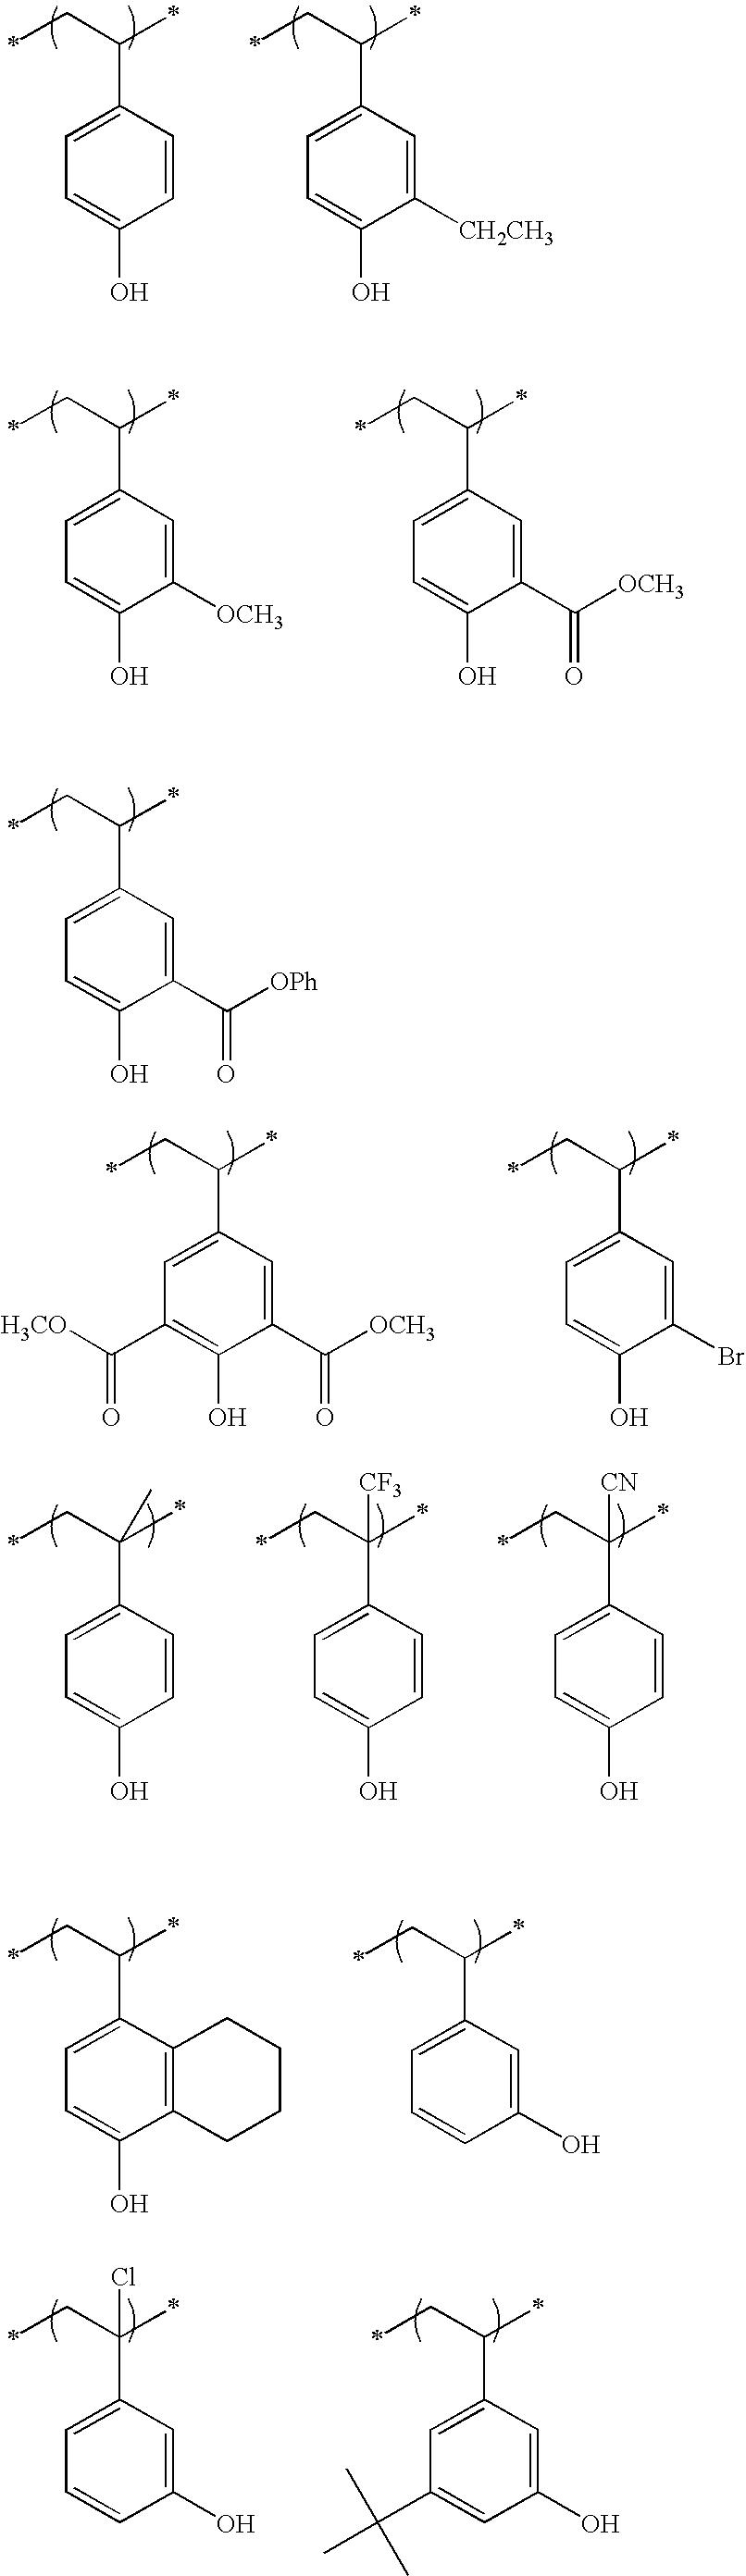 Figure US20100183975A1-20100722-C00127